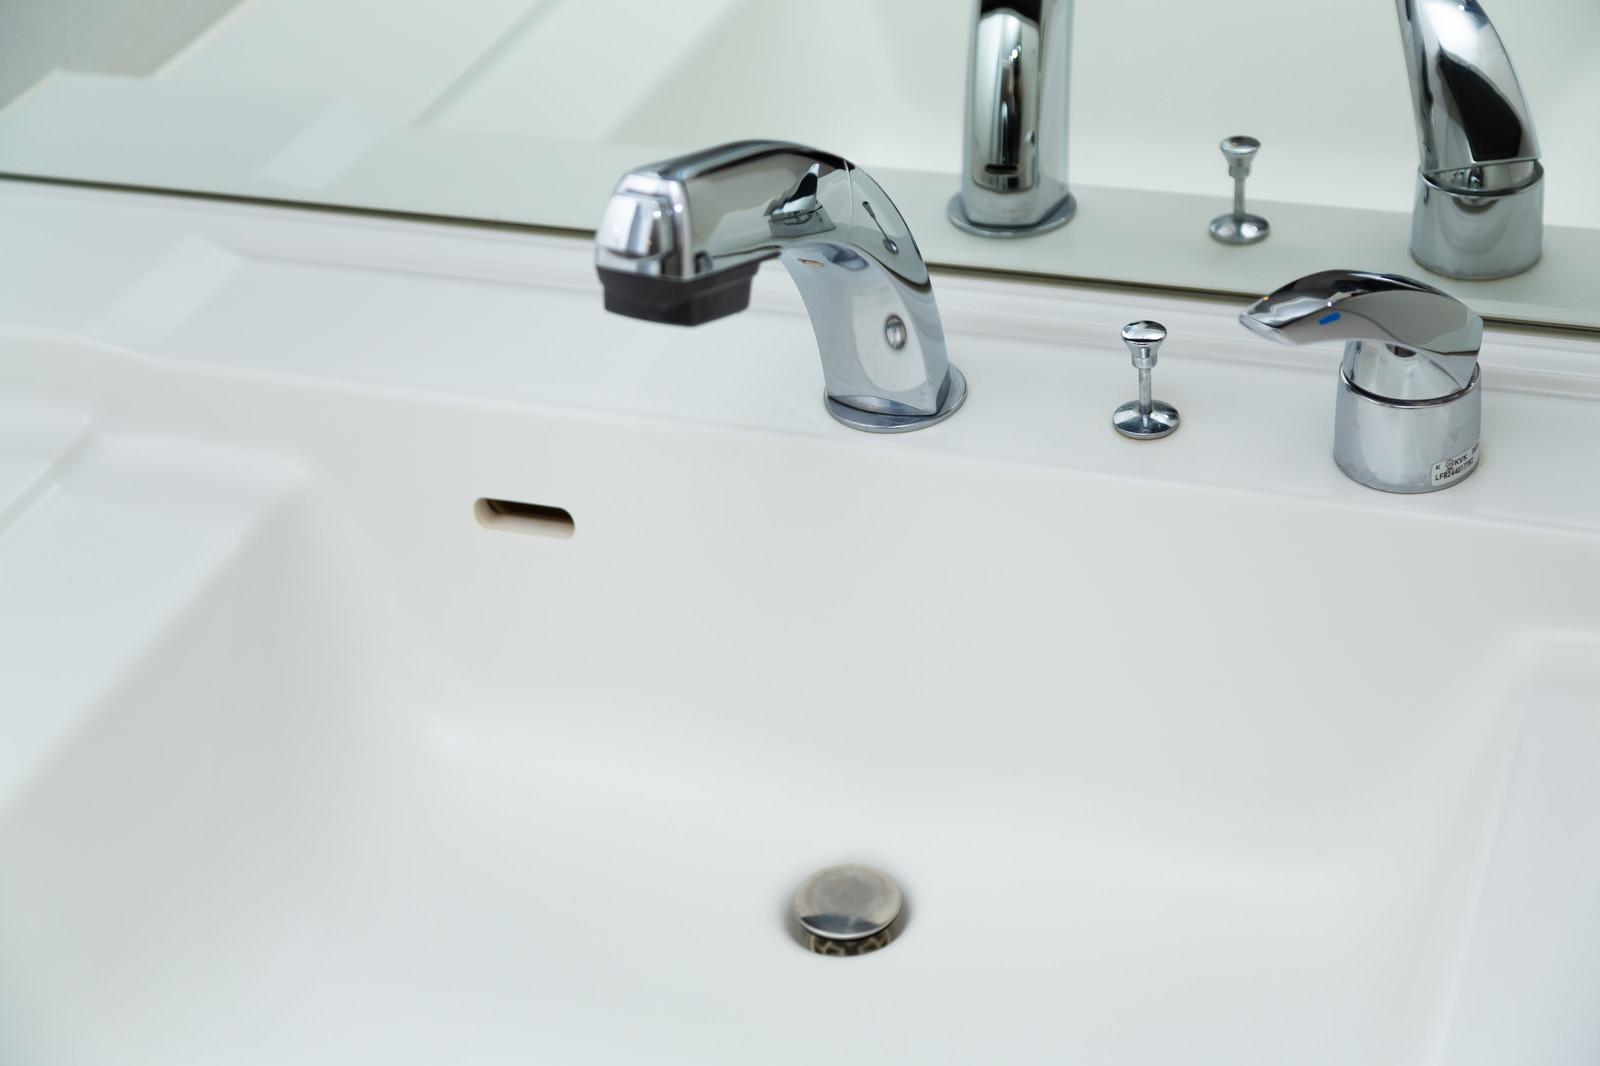 「洗面台」の写真